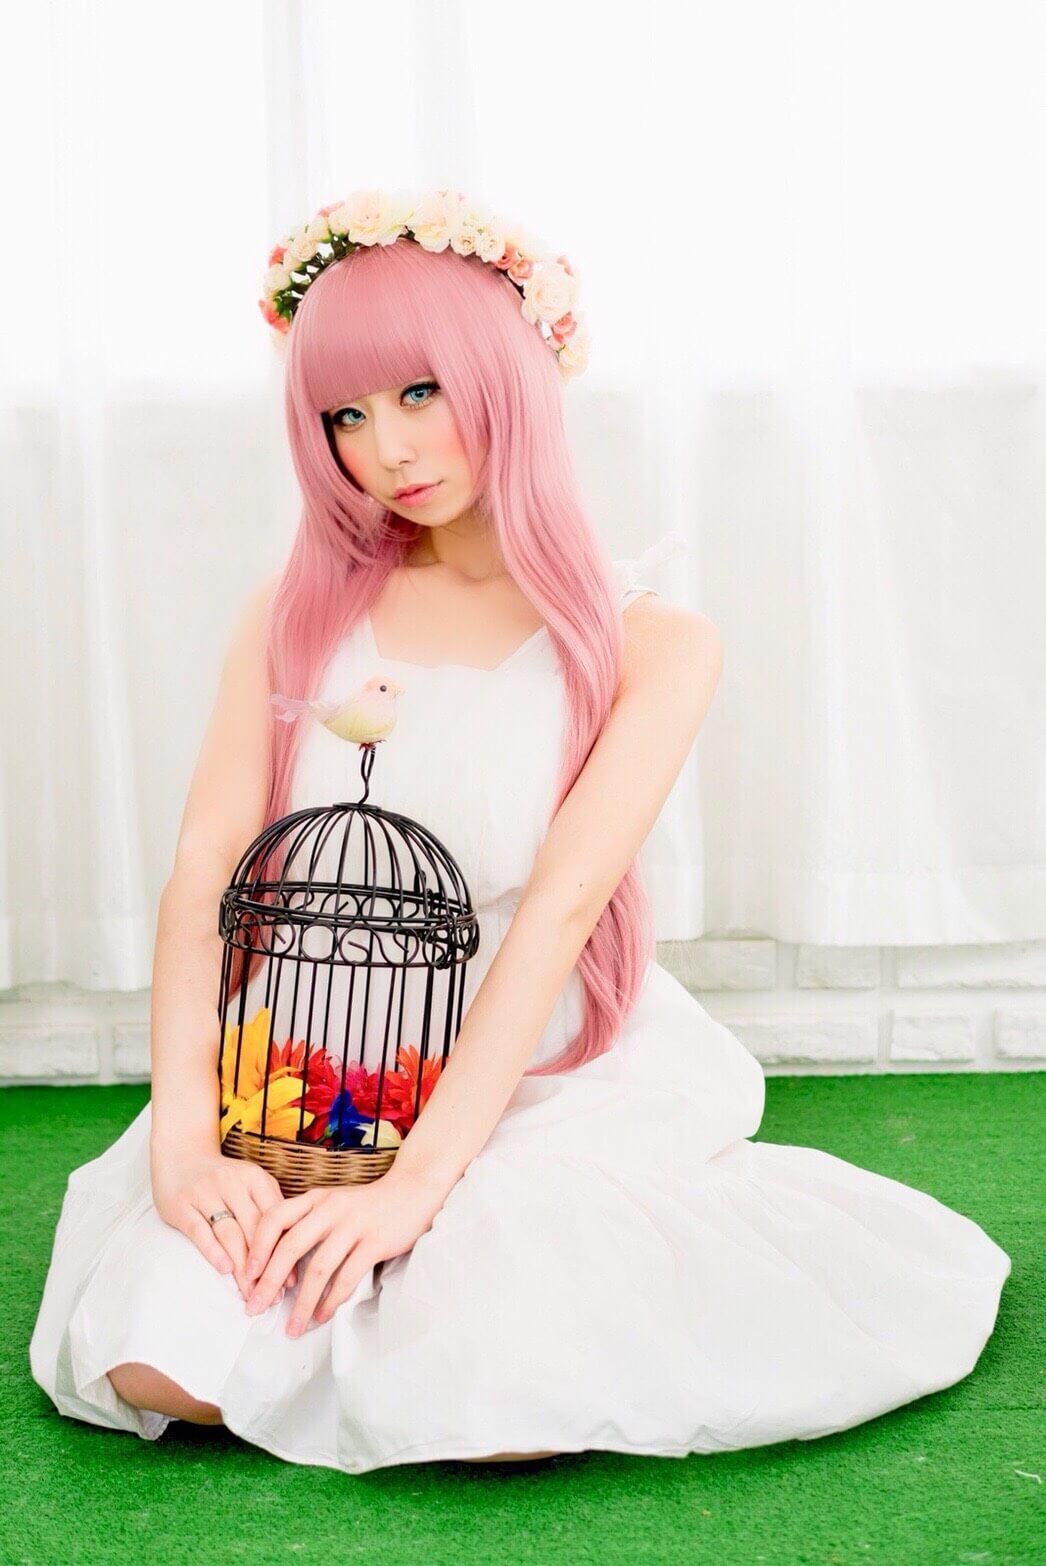 芝姫さんプロフィールページ